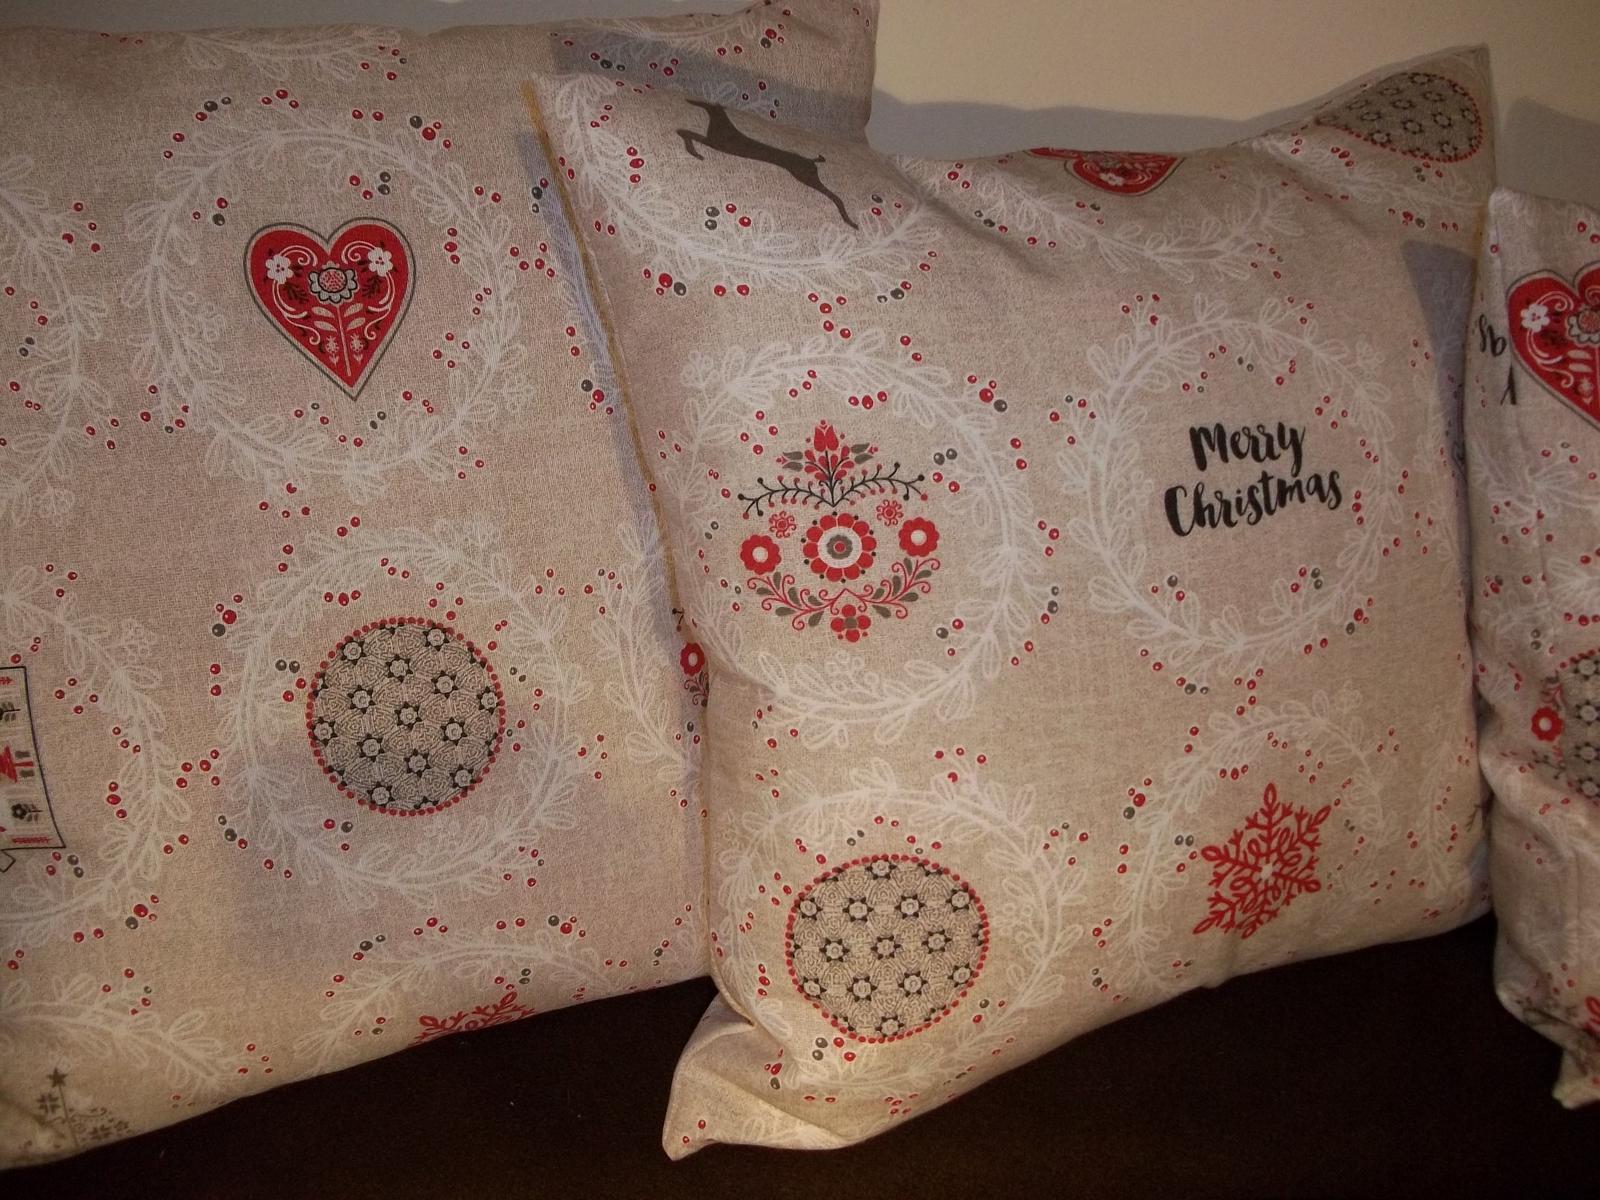 Sada 3 vianočných obliečok, v 2 veľkostiach,cena s poštou - Obrázok č. 4